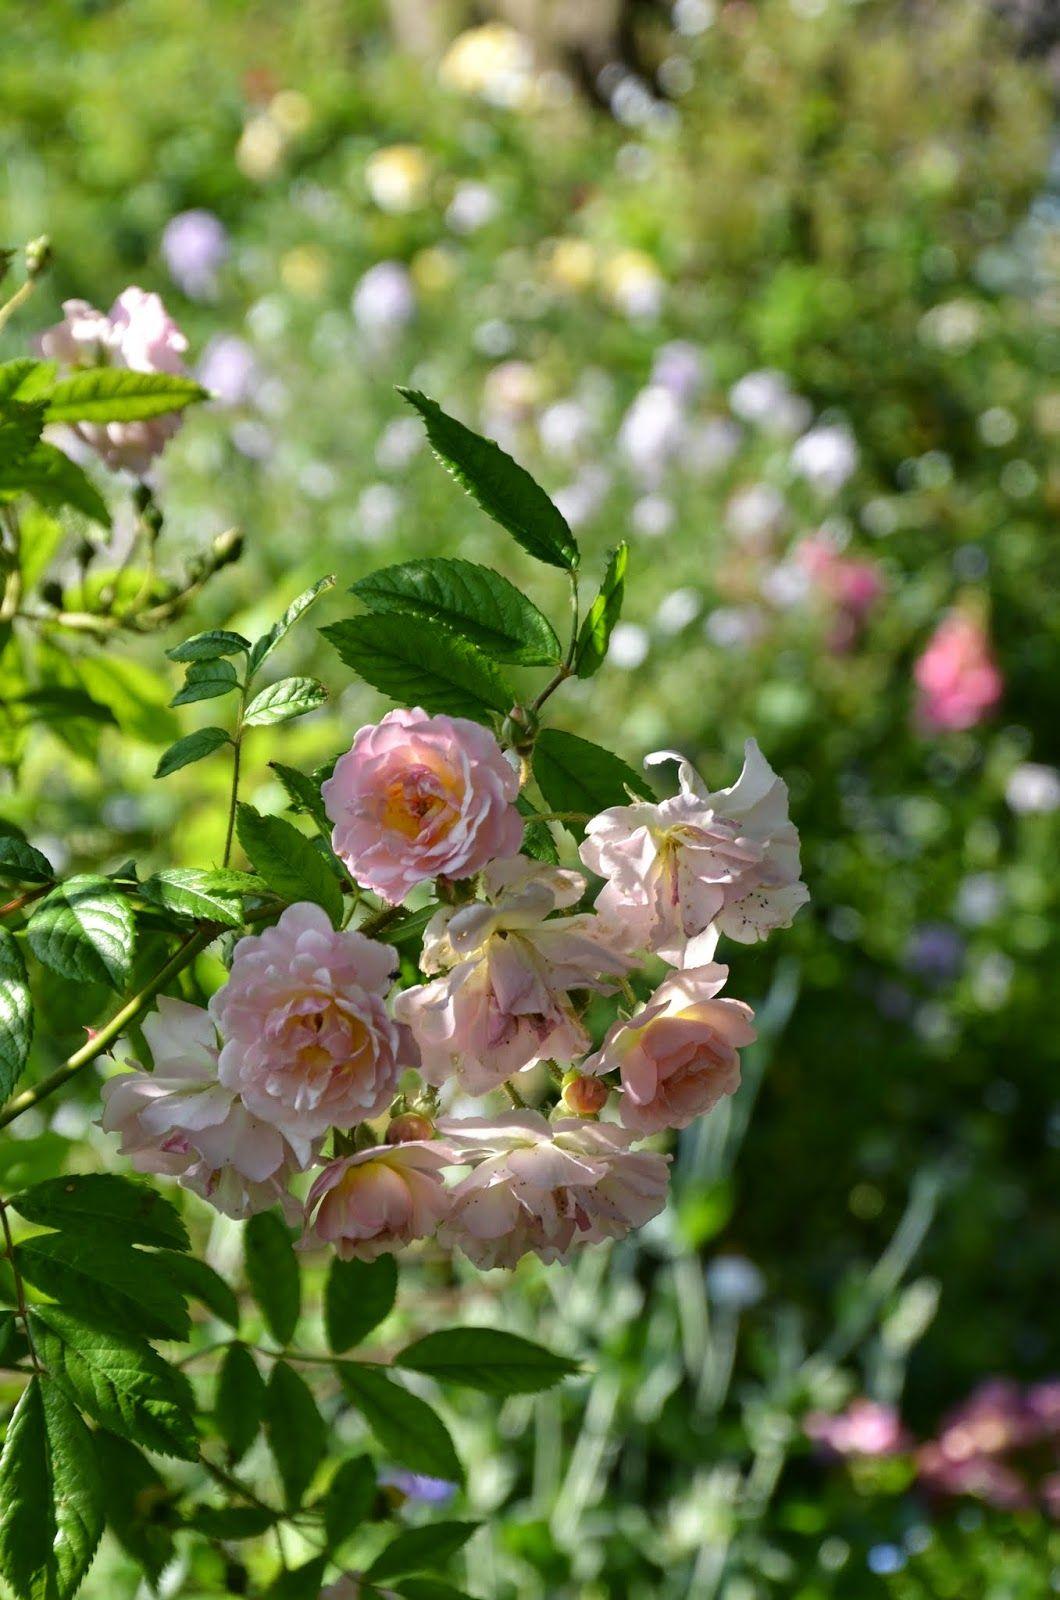 Mon Jardin Mes Merveilles: Roses entre ombre et lumière (1/3 ...